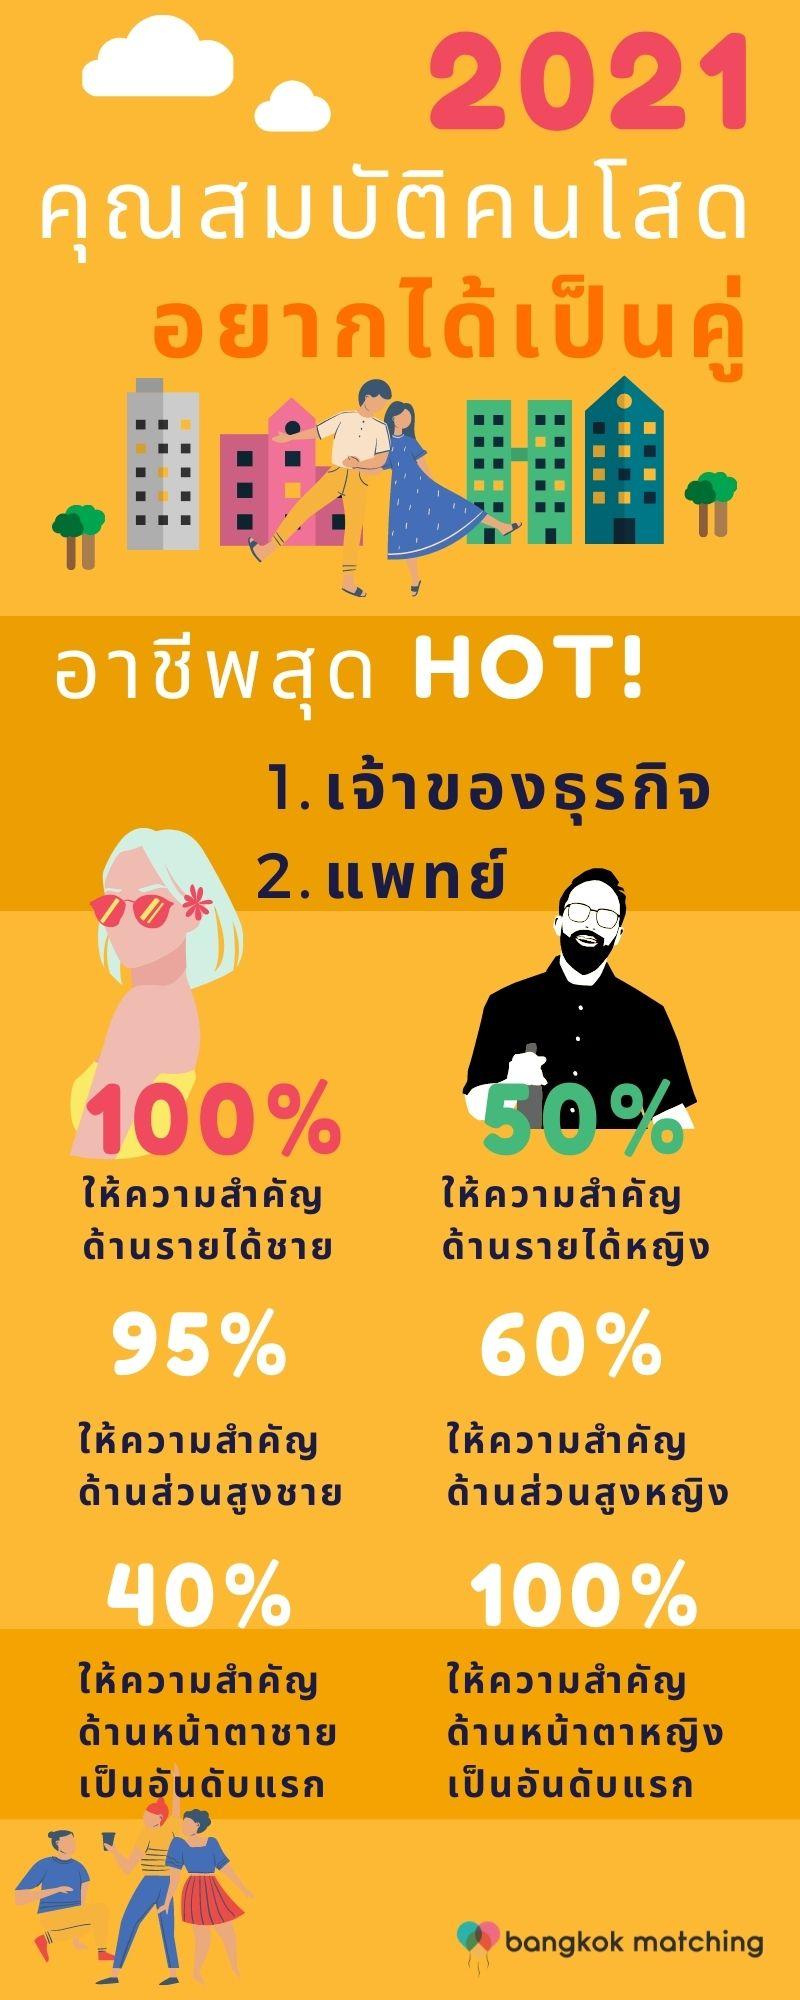 คุณสมบัติขั้นต้นชายหญิงโสดหาคู่ในไทย ใช้สกรีนหาคู่ 2021 โดย บริษัทจัดหาคู่ Bangkok Matching